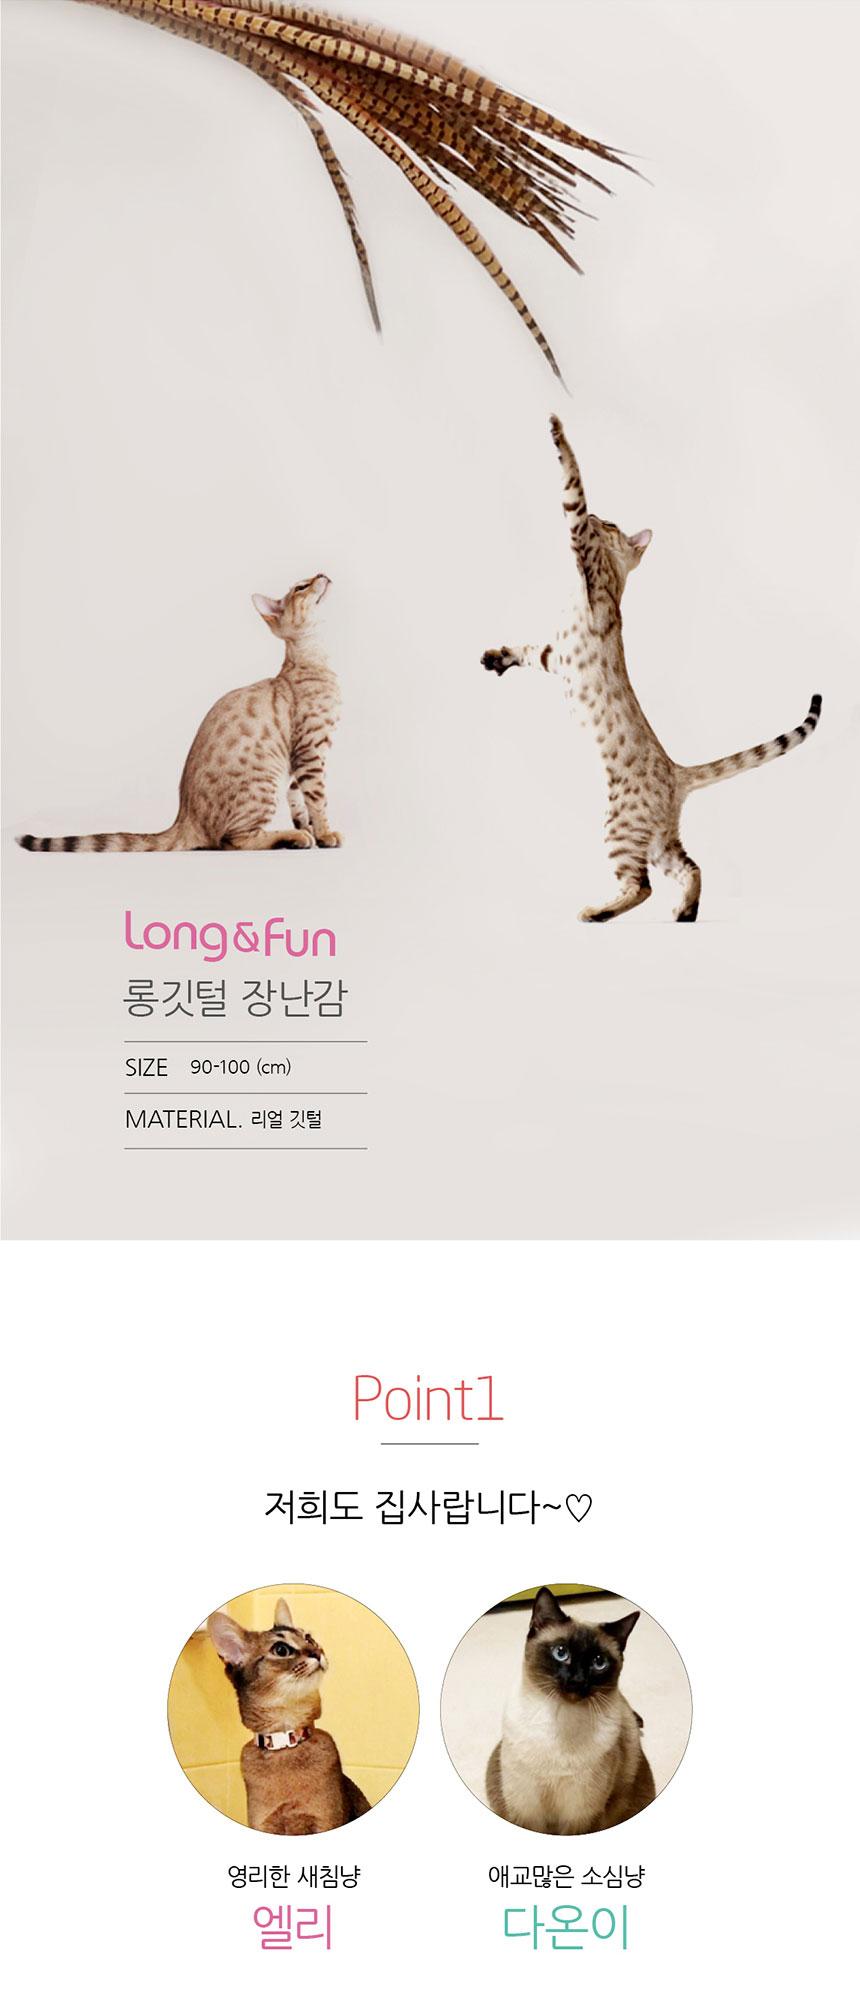 1m 롱 꿩깃털 3개 고양이 깃털 장난감 새깃털 낚시대24,000원-해지인펫샵, 고양이용품, 장난감/스크래쳐, 장난감바보사랑1m 롱 꿩깃털 3개 고양이 깃털 장난감 새깃털 낚시대24,000원-해지인펫샵, 고양이용품, 장난감/스크래쳐, 장난감바보사랑